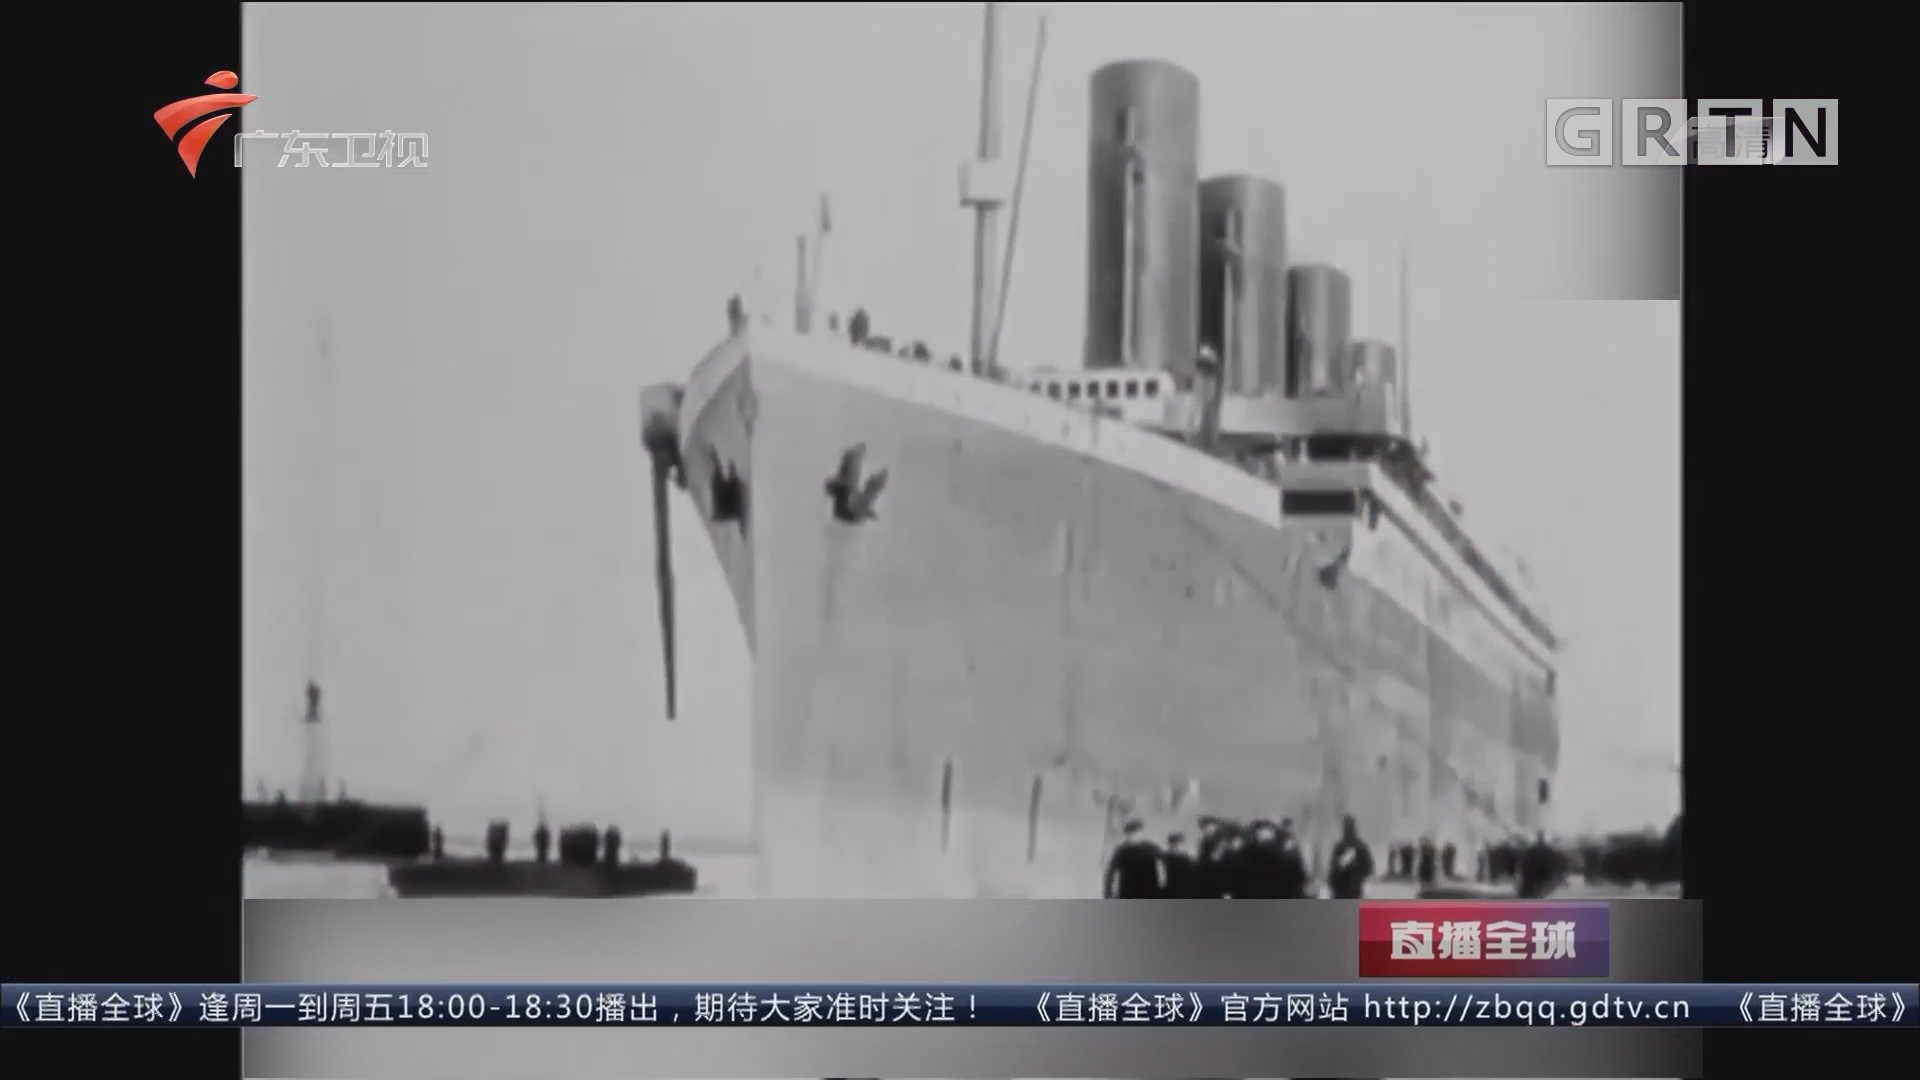 """泰坦尼克号六名""""被消失""""的中国幸存者:8名中国锅炉工合用一张船票"""